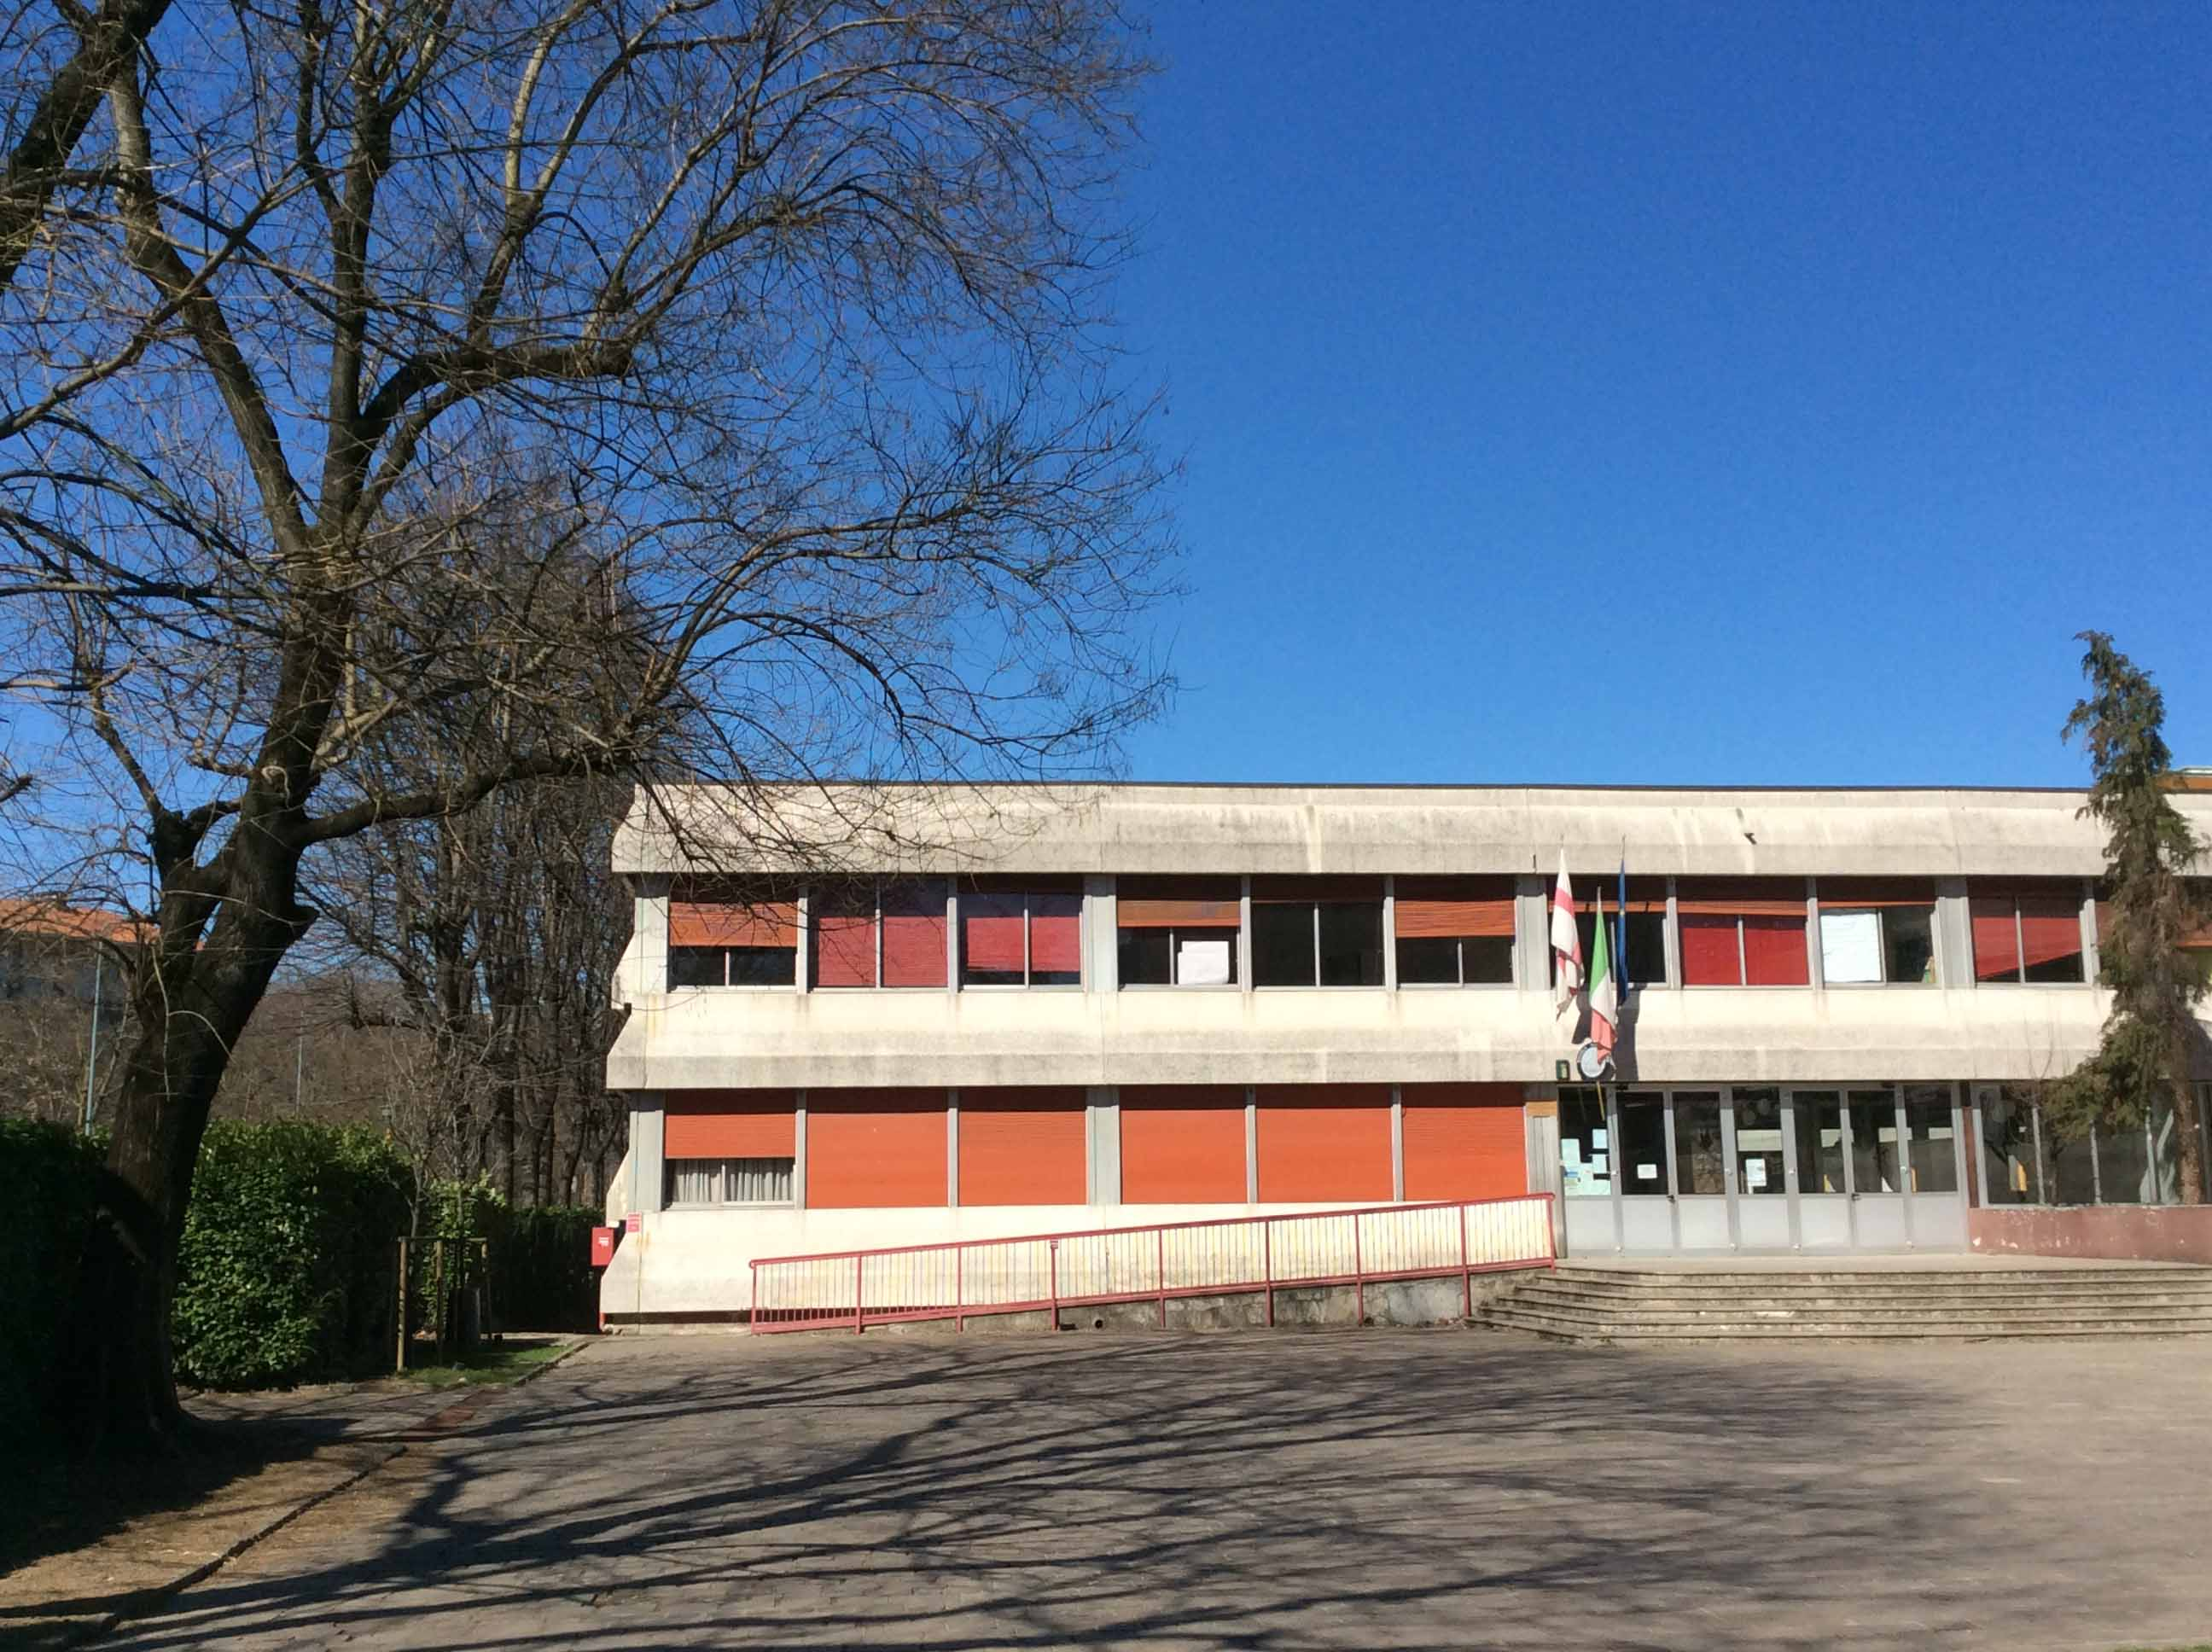 Progetti Esterni Scuola Primaria : Scuola primaria e dell infanzia sedi e spazi istituto